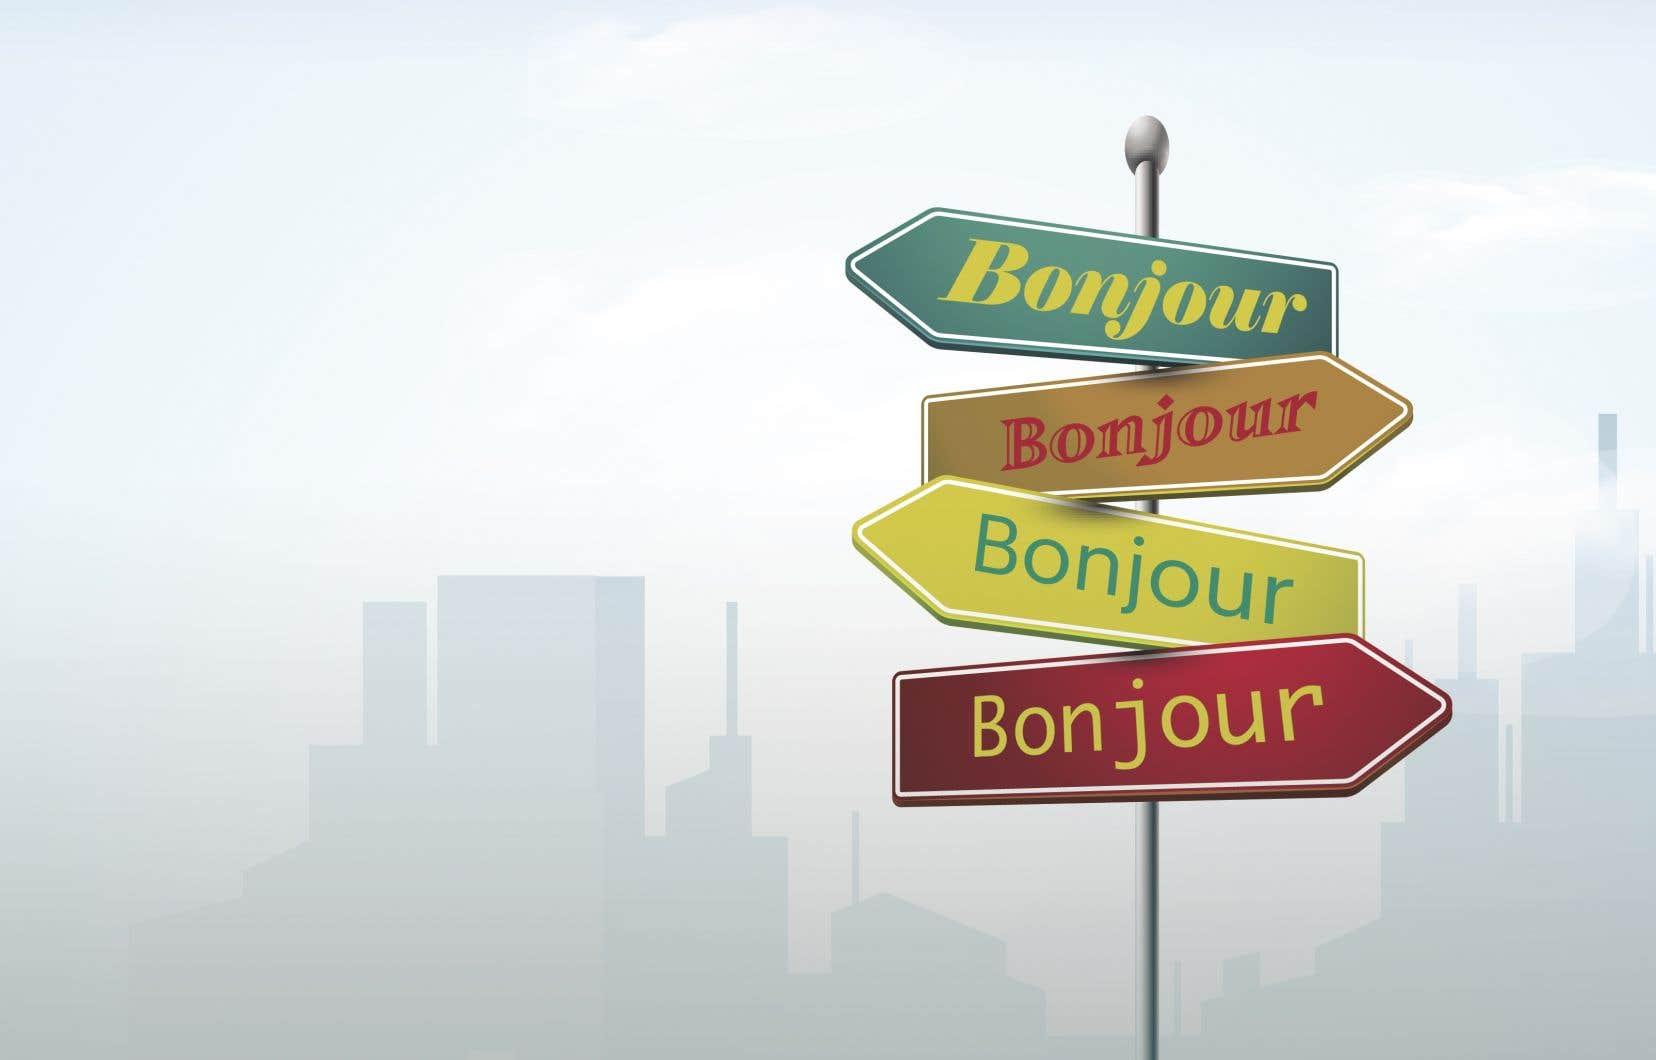 Le français étend ses tentacules bien au-delà du Québec, reconnu comme le berceau de la francophonie en Amérique du Nord.